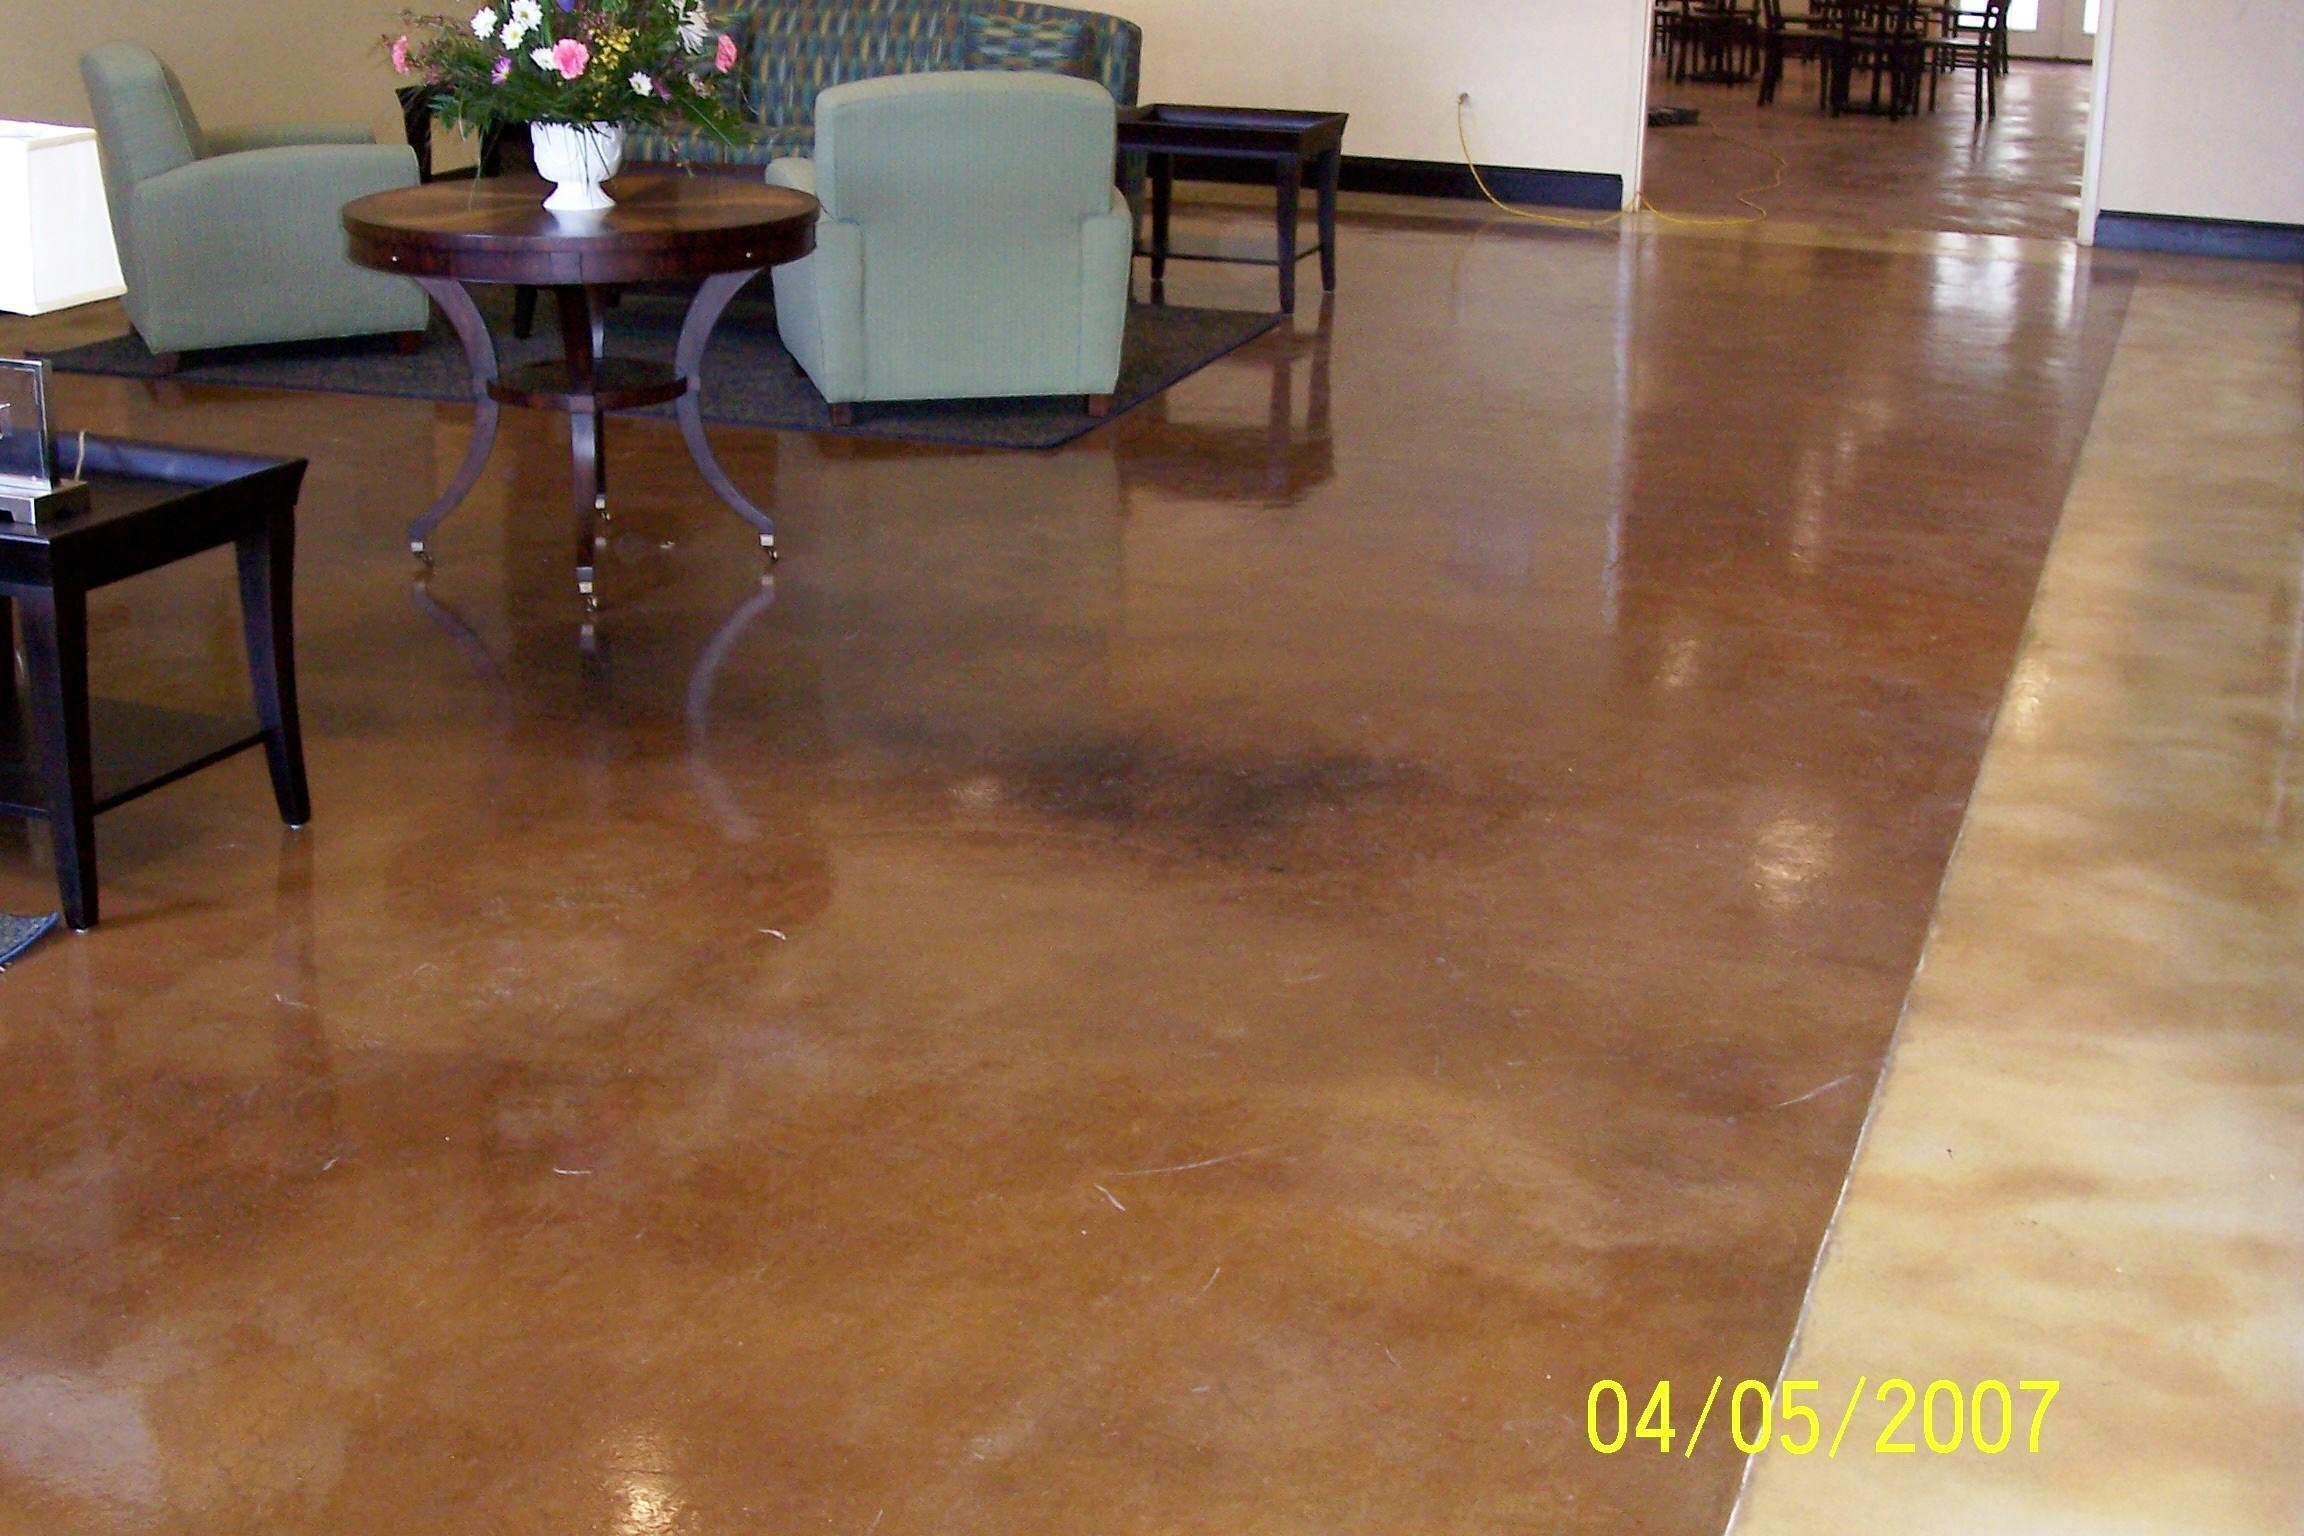 Turoc Concrete Designs image 44